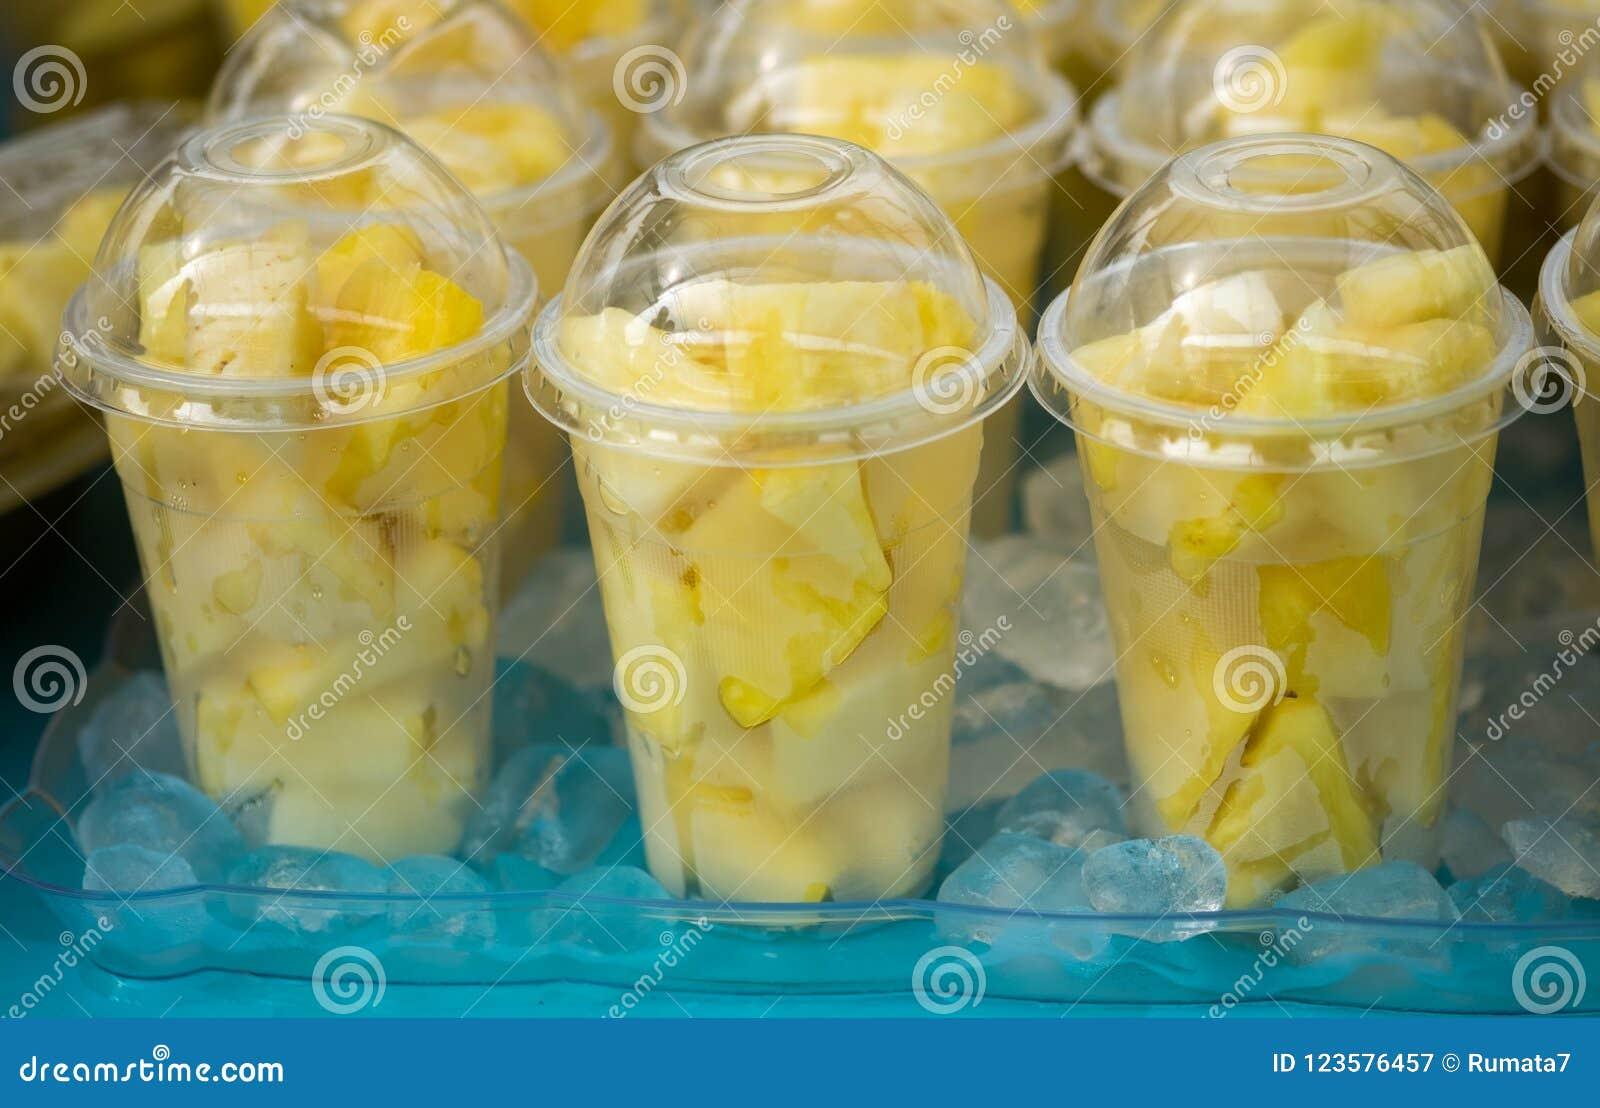 L ananas frais rapièce la salade dans des tasses transparentes en plastique